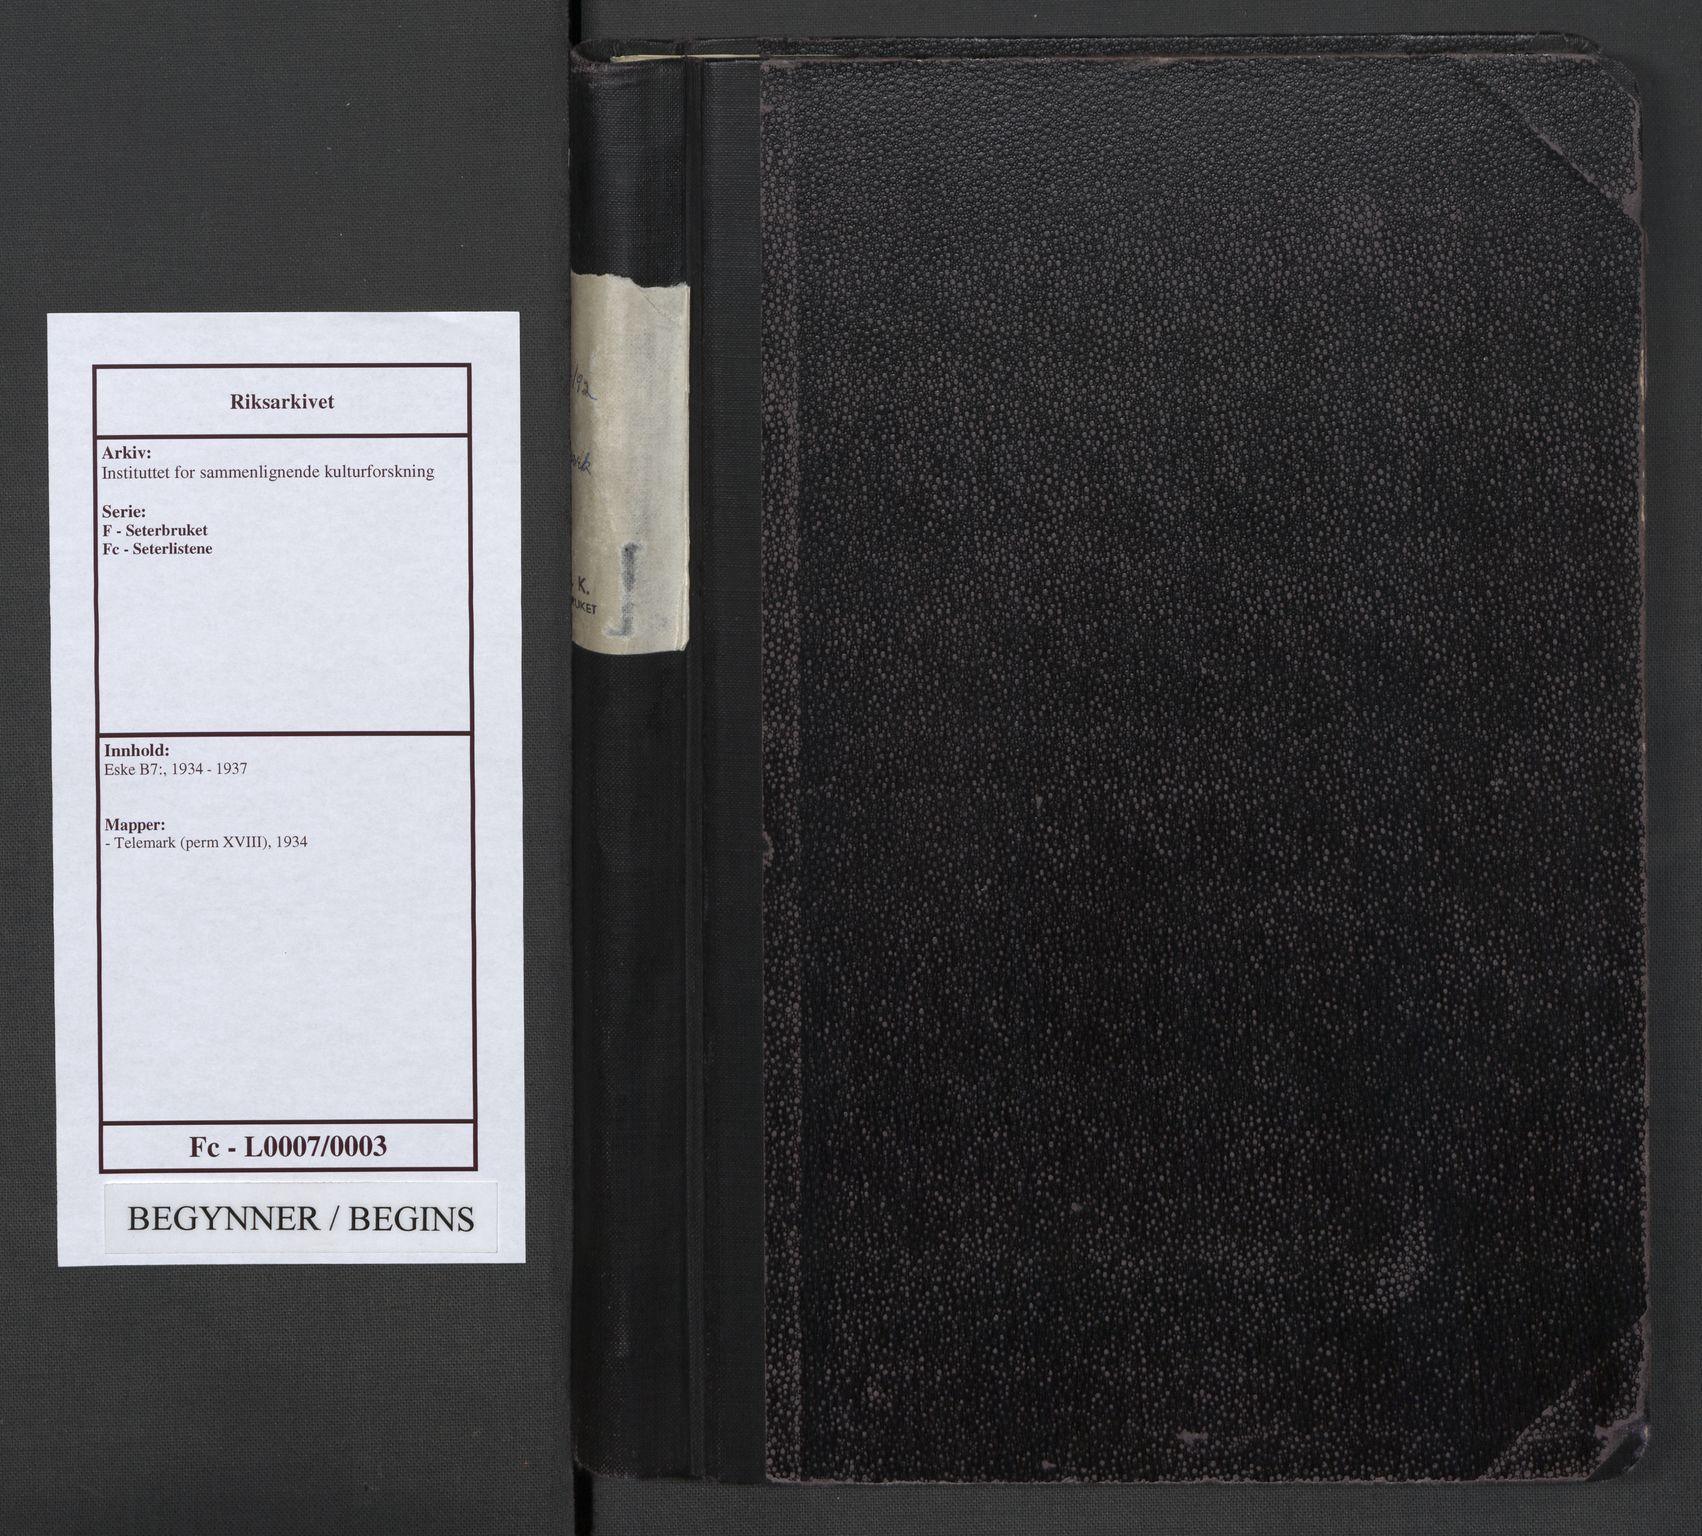 RA, Instituttet for sammenlignende kulturforskning, F/Fc/L0007: Eske B7:, 1934, s. upaginert